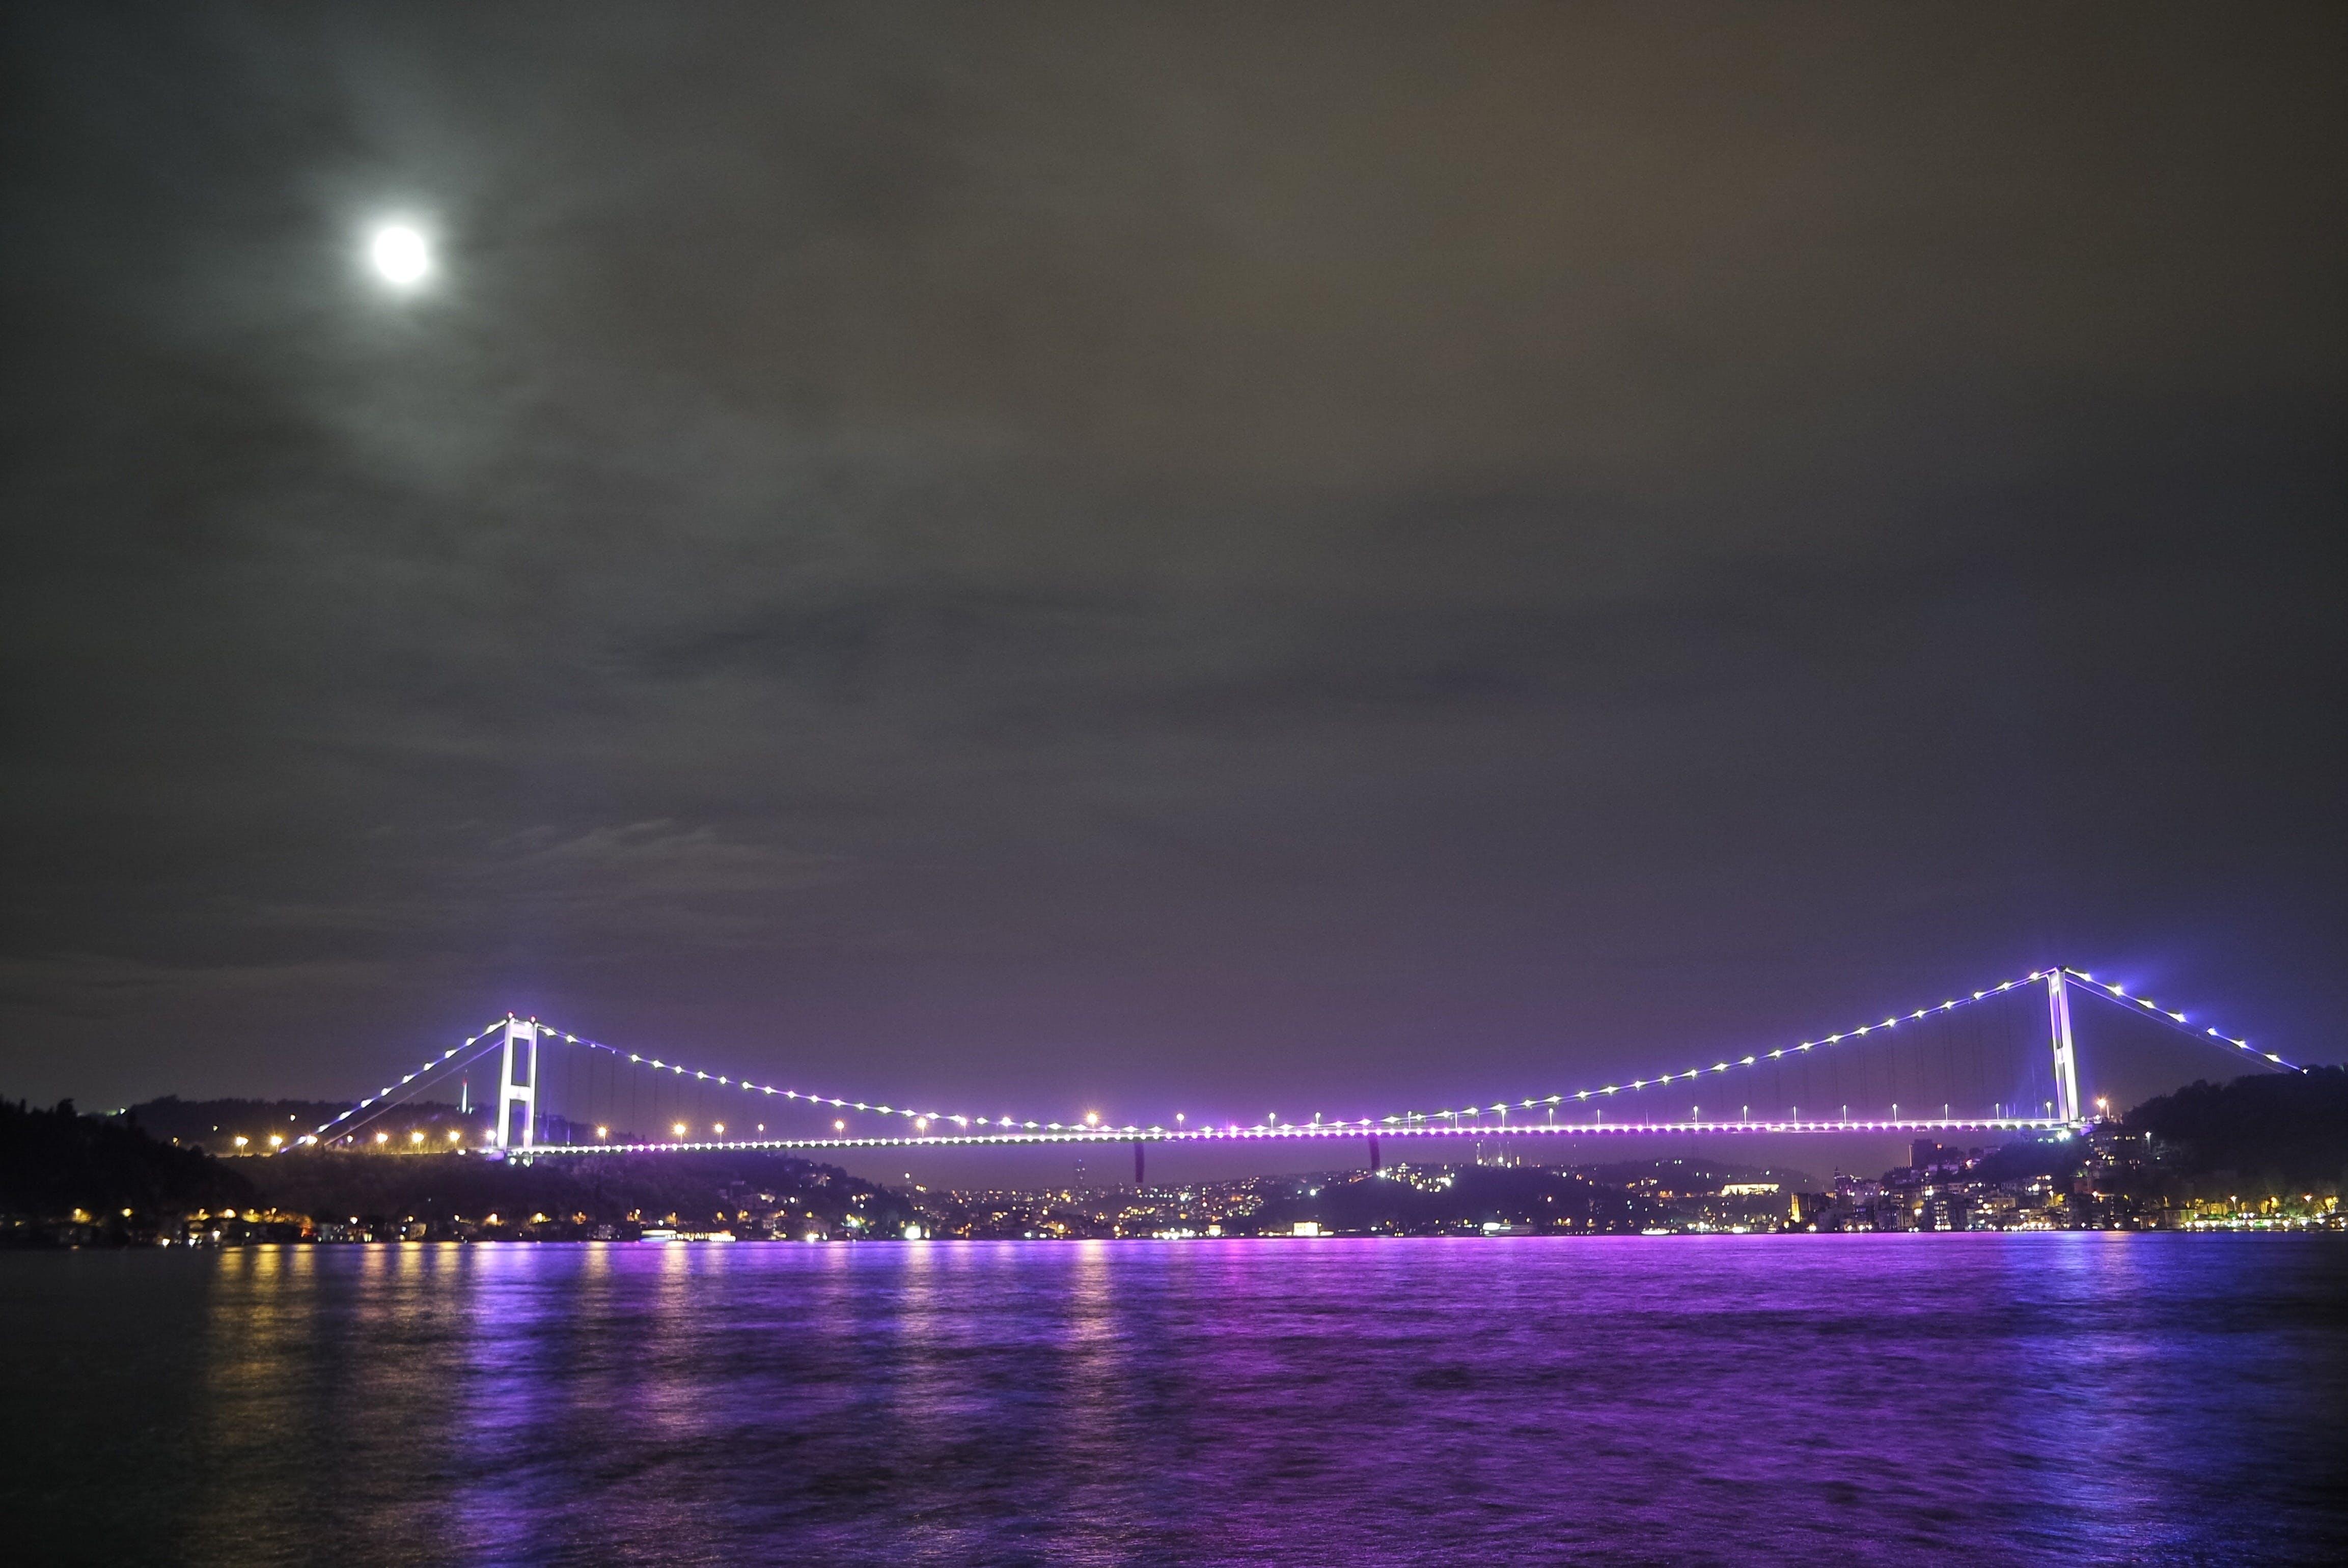 Purple Light on Bride Across Body of Water